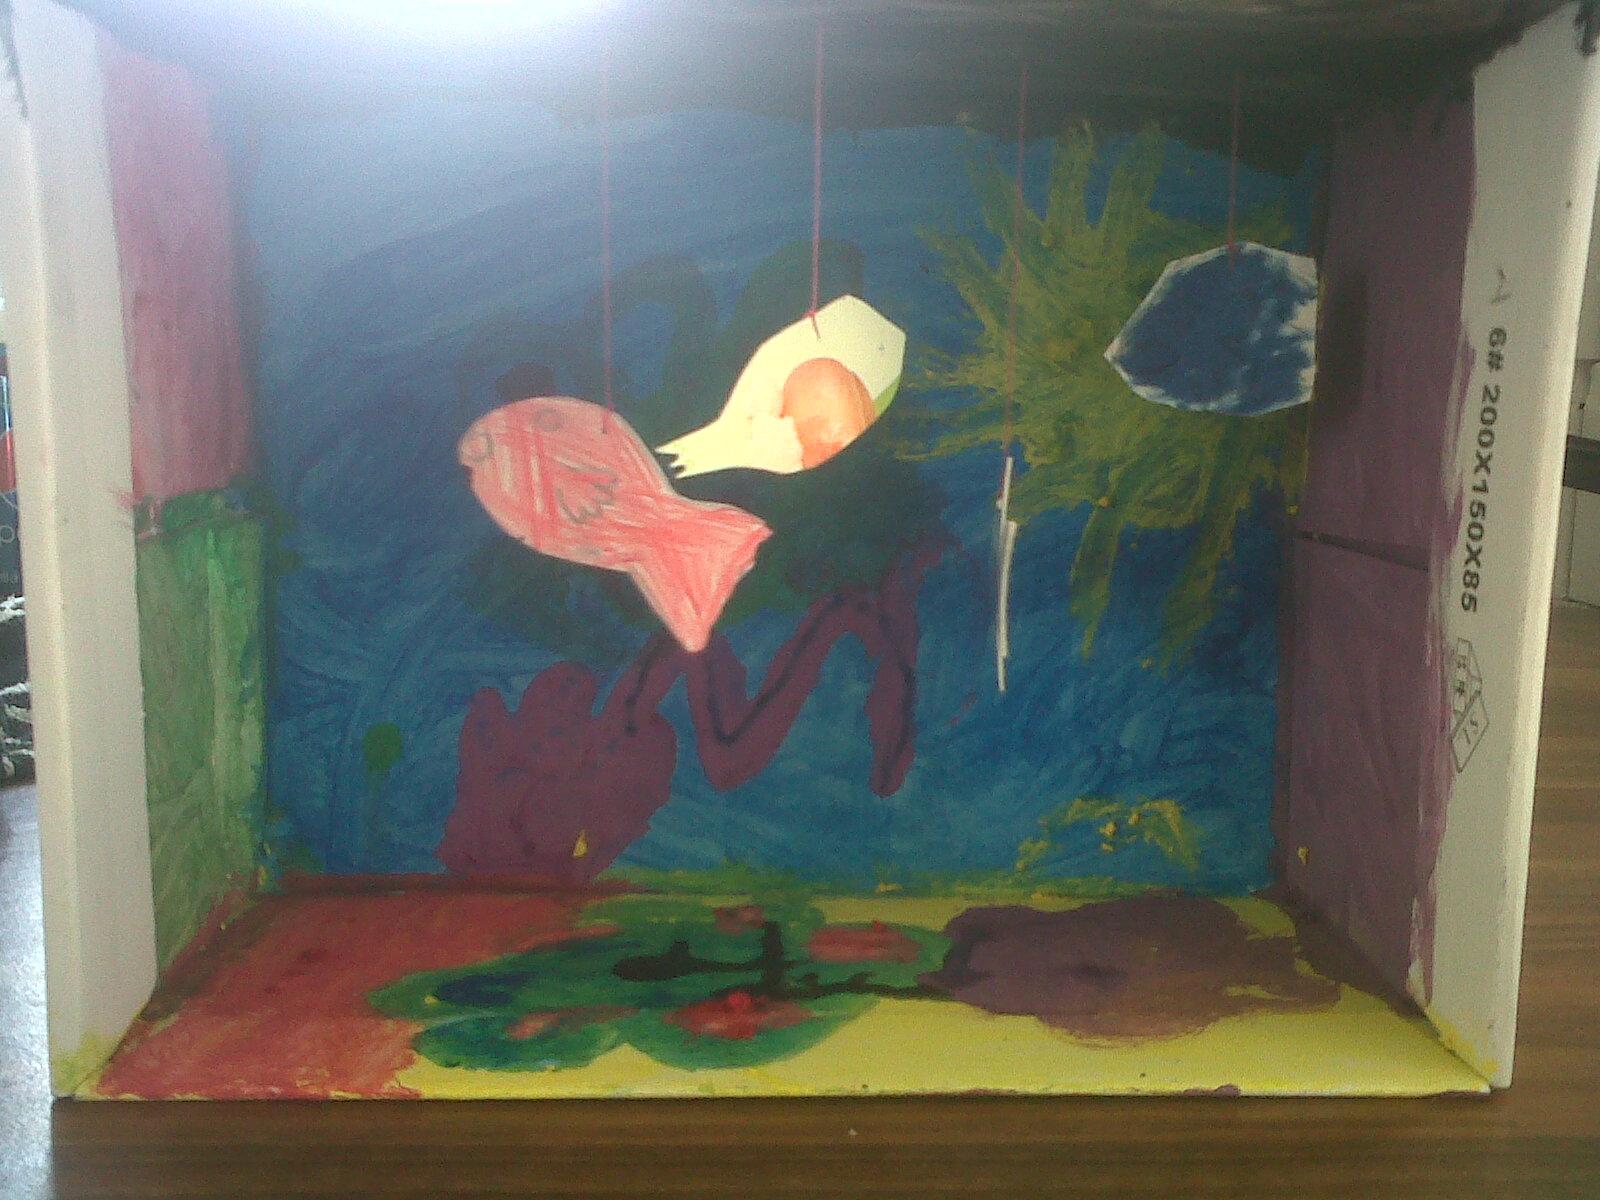 How to make a shoebox aquarium